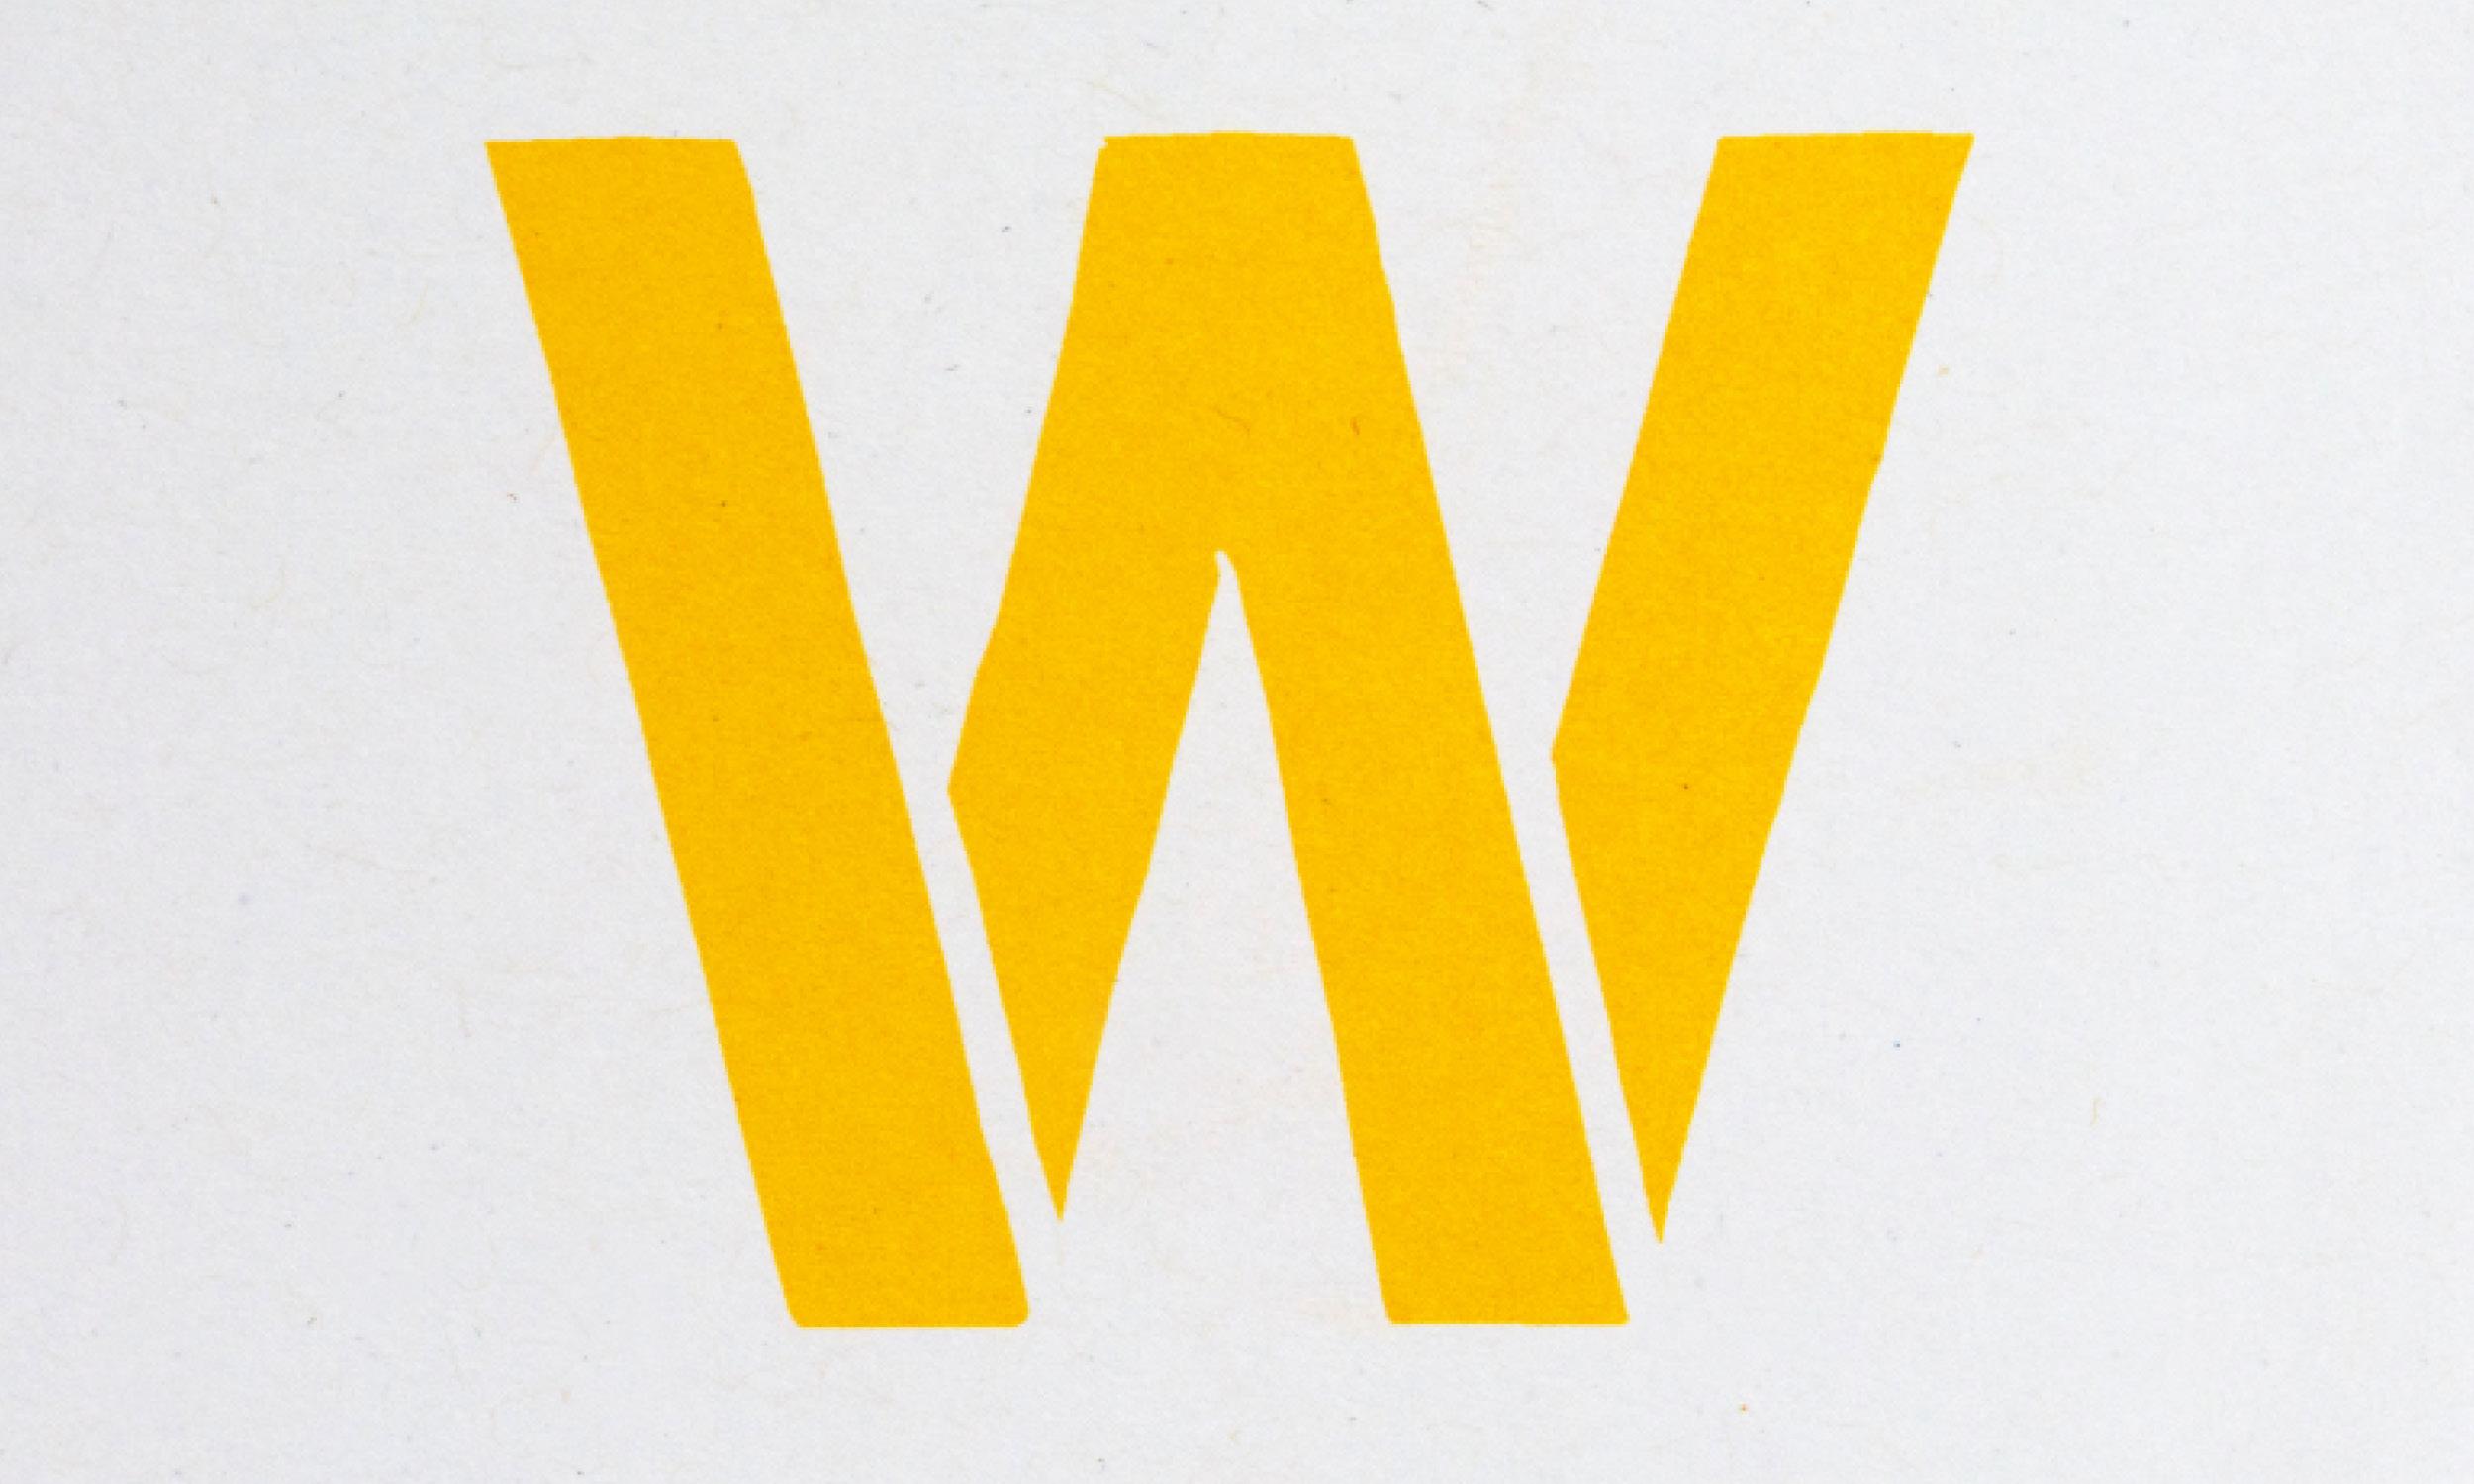 Wysing-logoY-LR.jpg